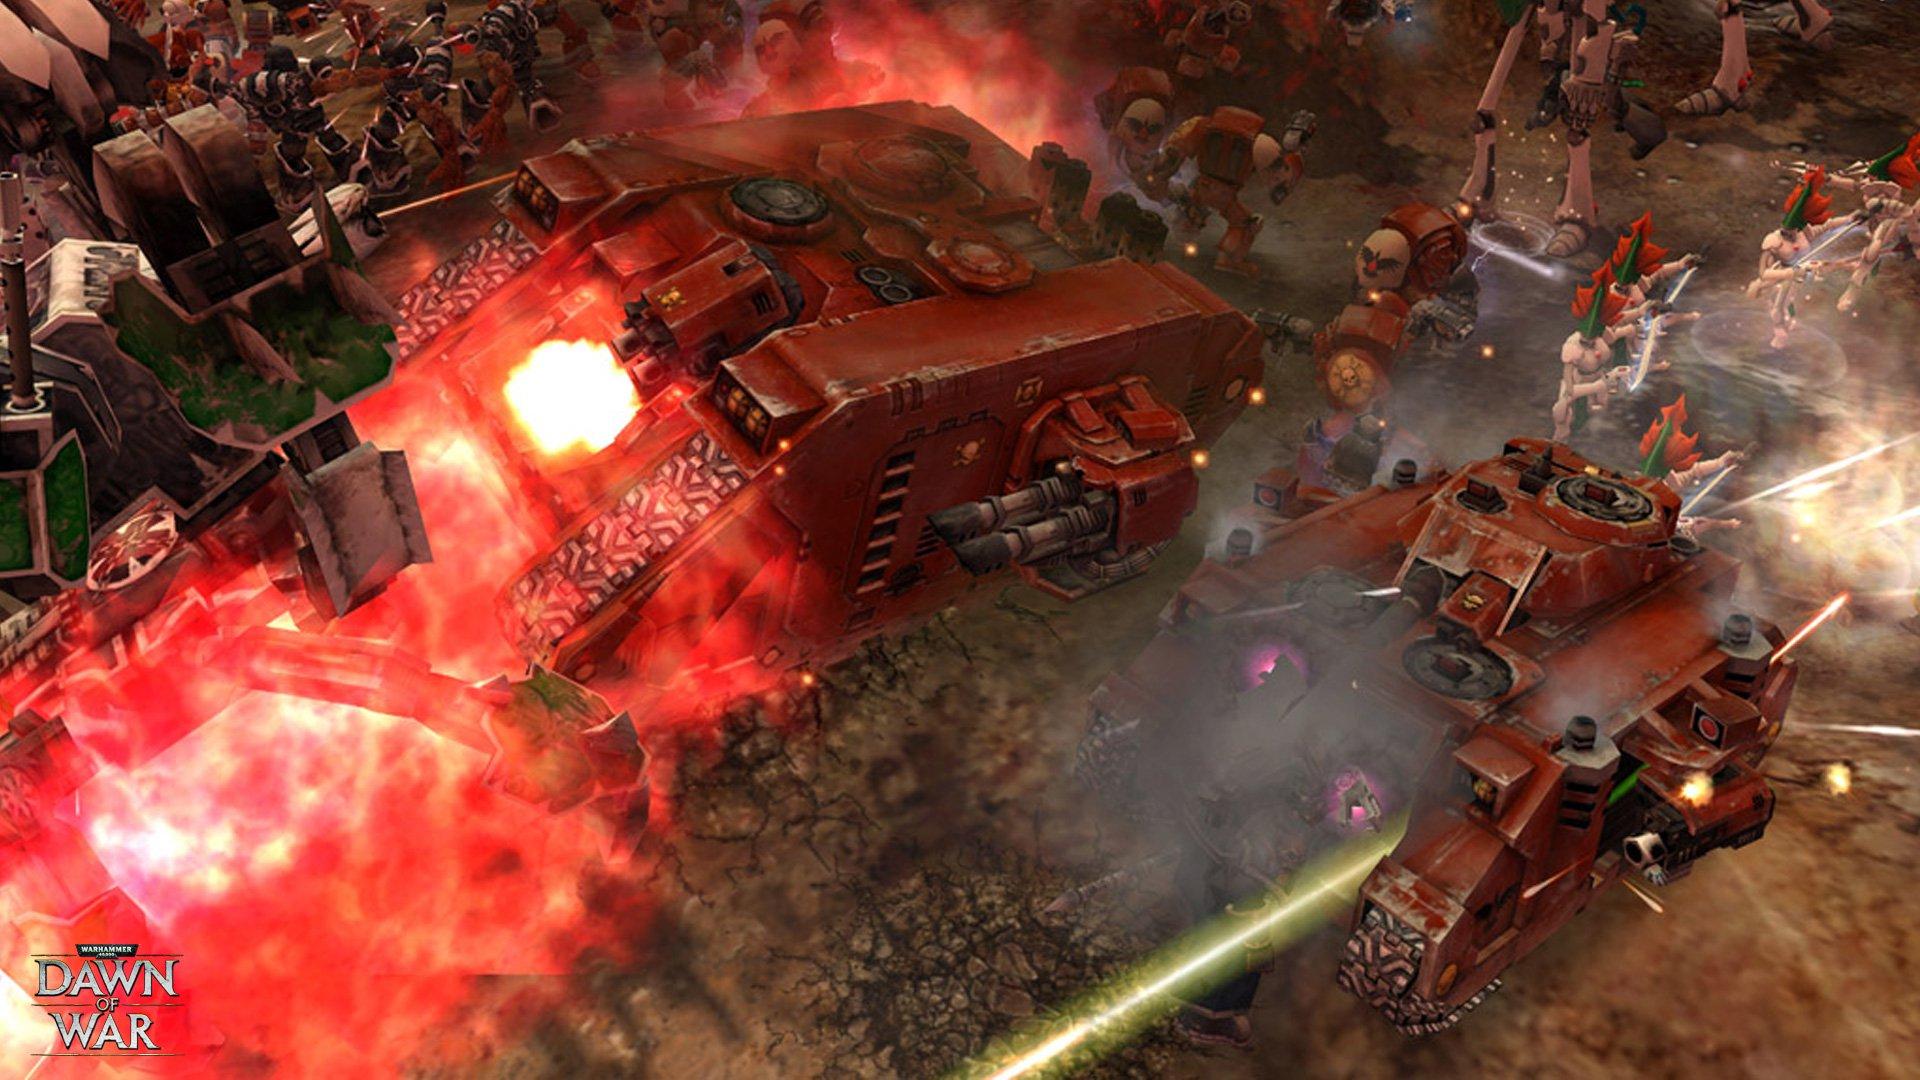 Warhammer 40,000 Dawn of War Master Collection 8